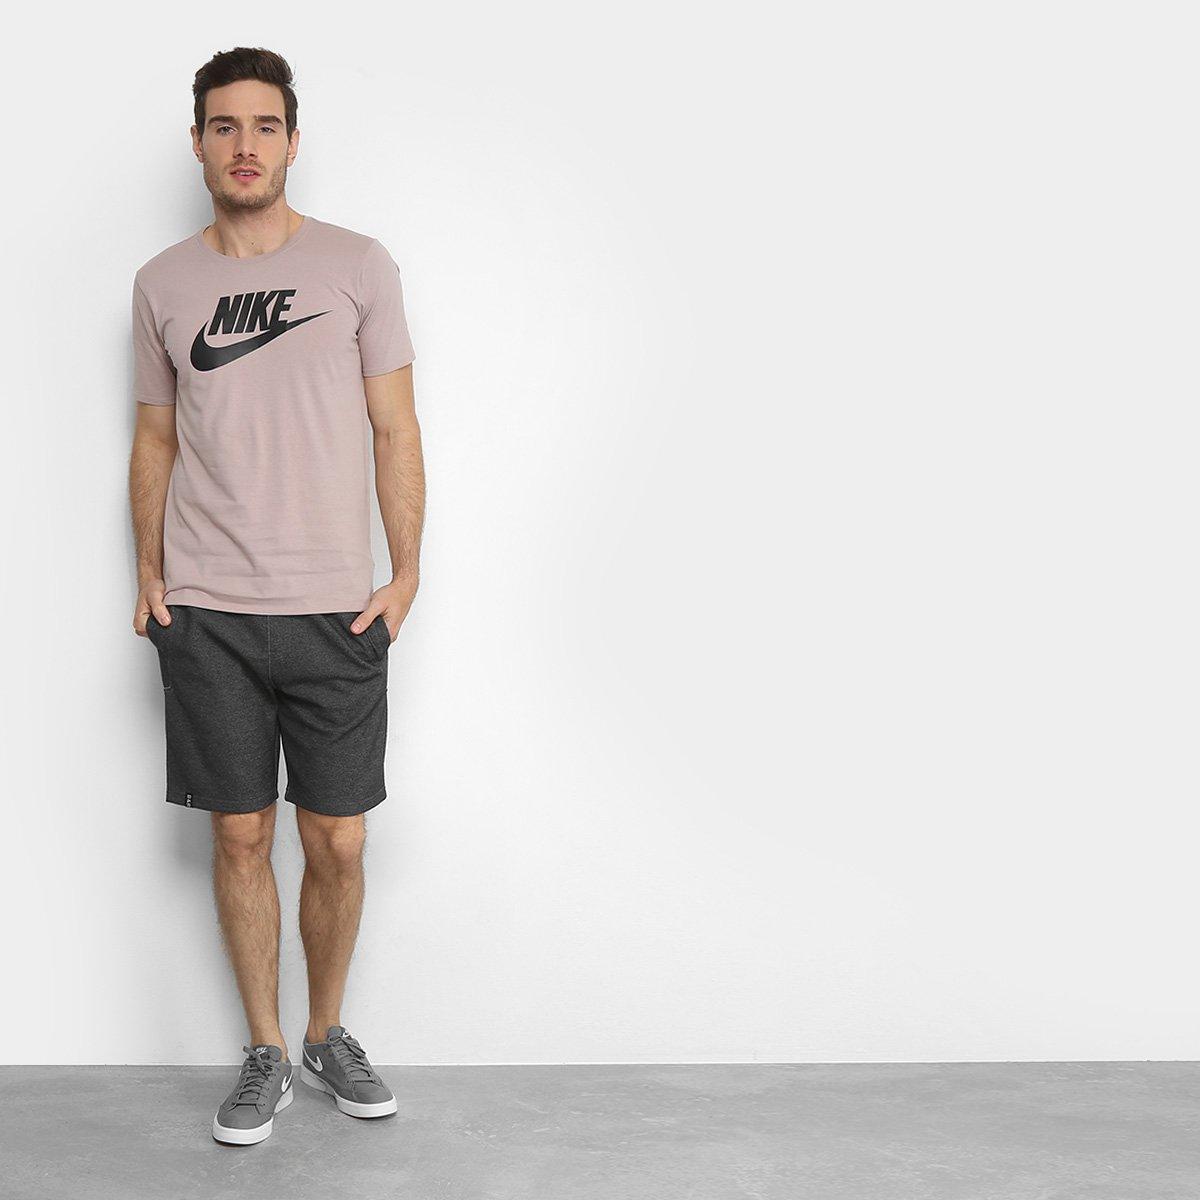 72b49a0fad Camiseta Nike Futura Icon - Preto e Rosa - Compre Agora